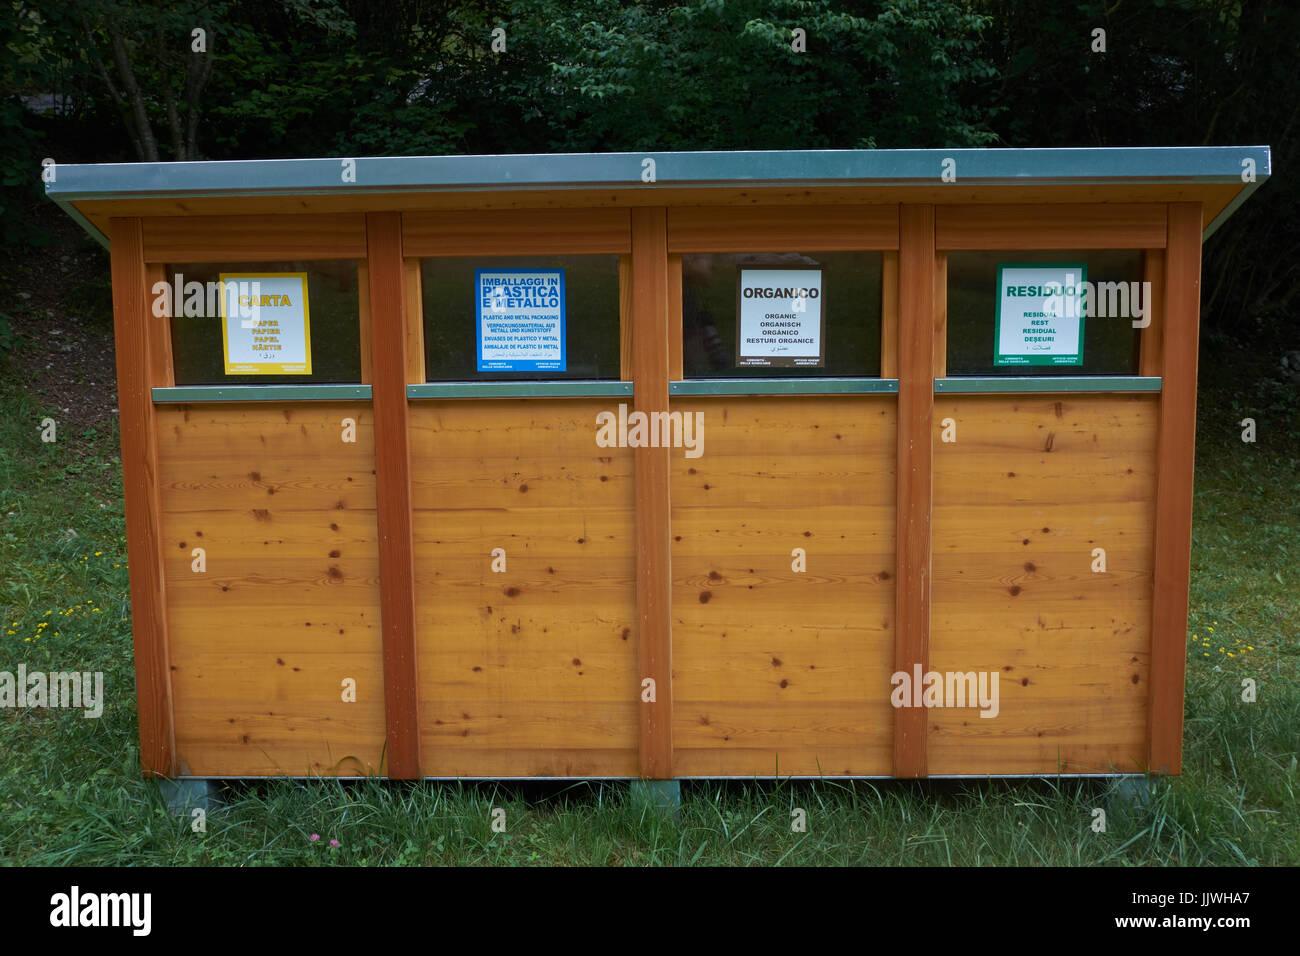 Contenedores de reciclaje de madera en lago nembia el norte de italia foto imagen de stock - Reciclaje de la madera ...